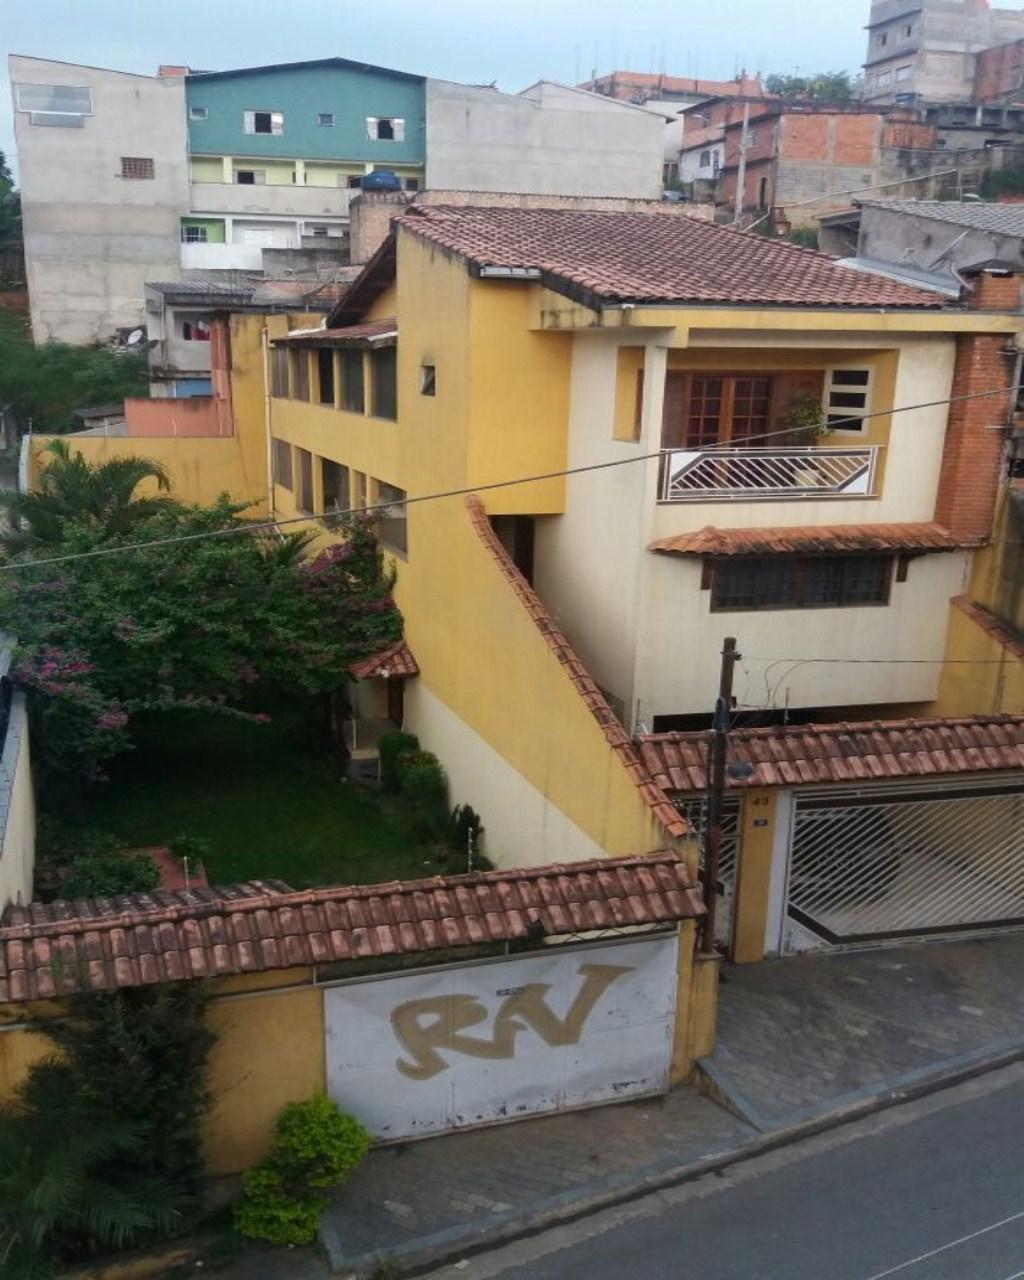 Sobrado com 12 vagas de garagem em Guarulhos